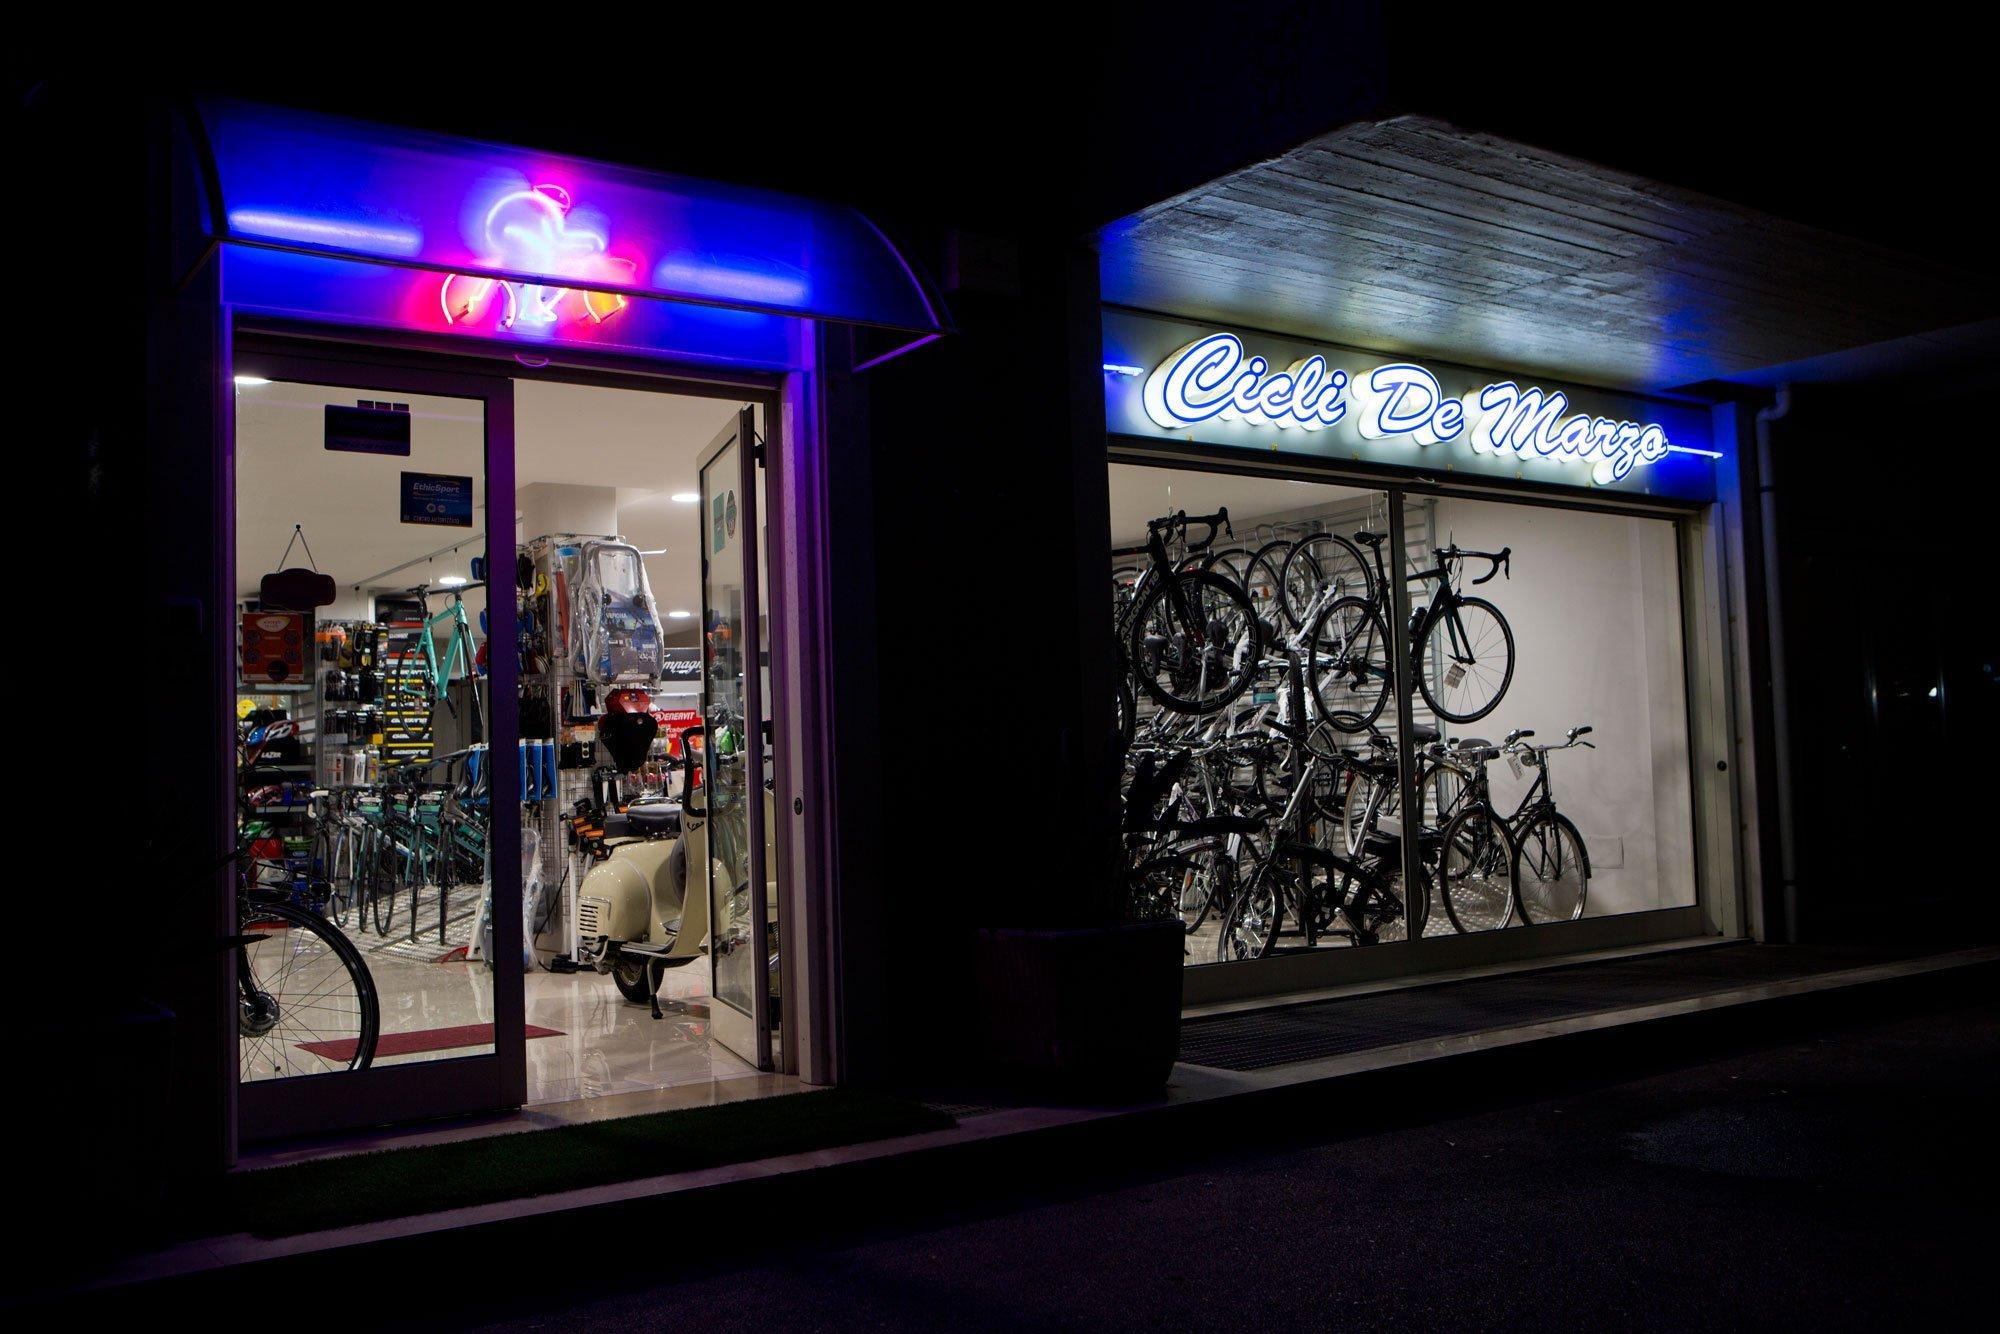 Ingresso e vetrina del negozio Cicli de Marzo con moltissime mountain bike e bici a Bari